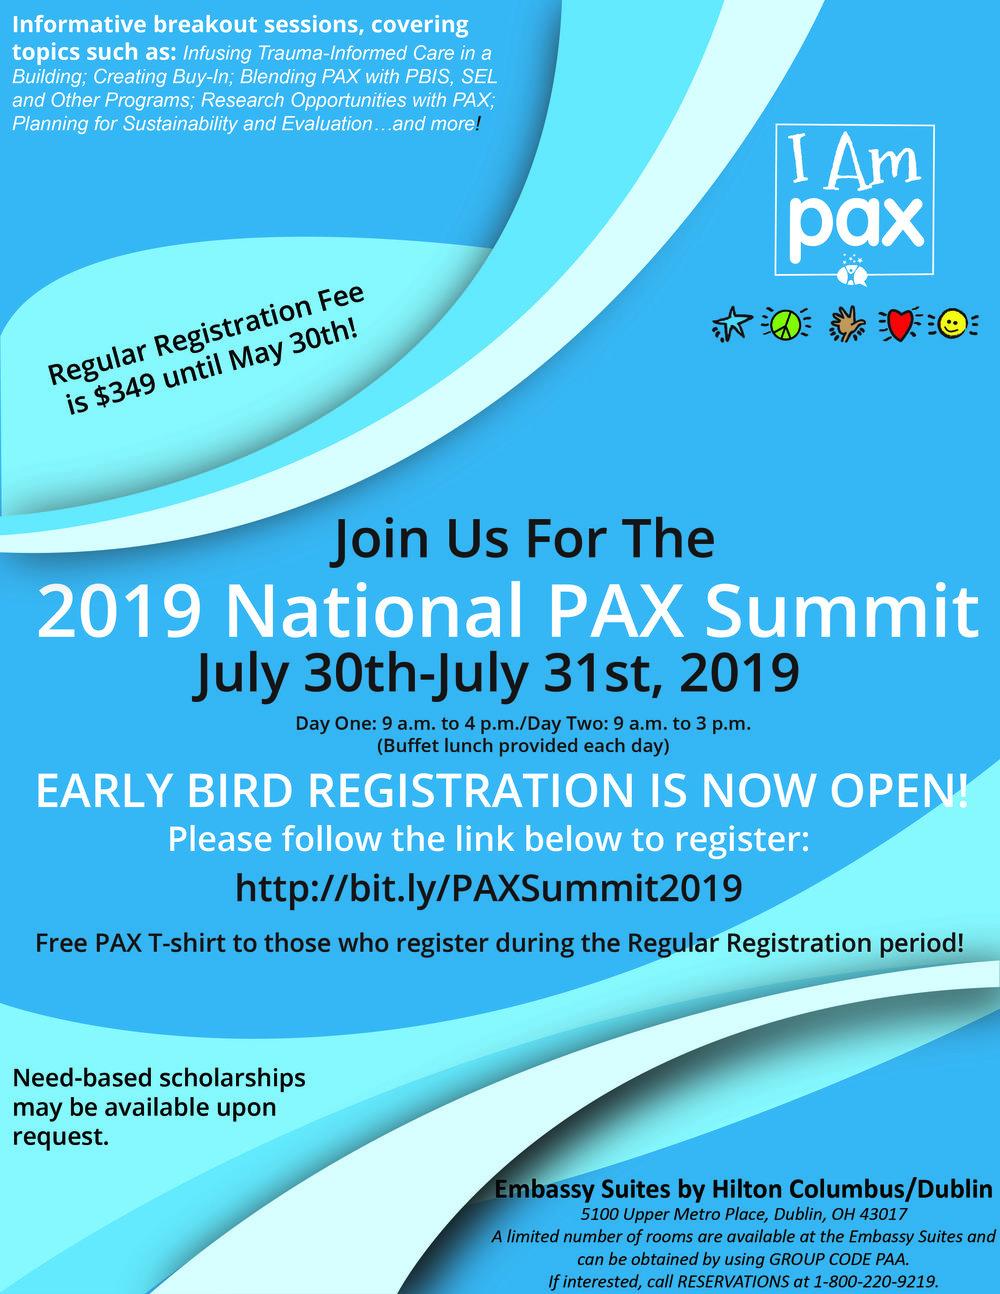 2019_PAX_SummitFlyer3 (1).jpg